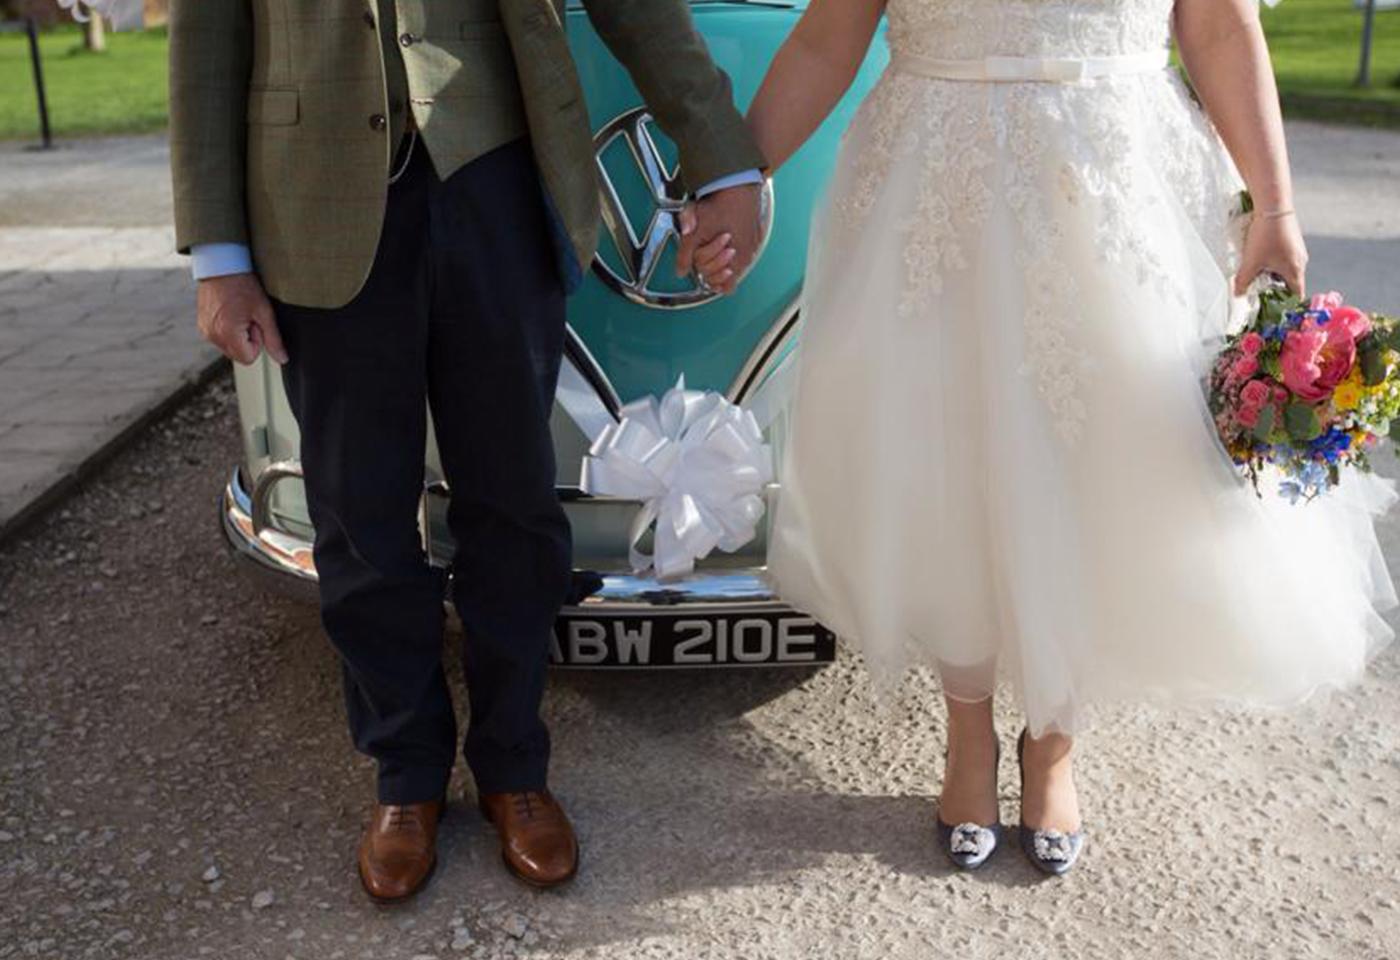 VW Campervan Hire North Wales Weddings